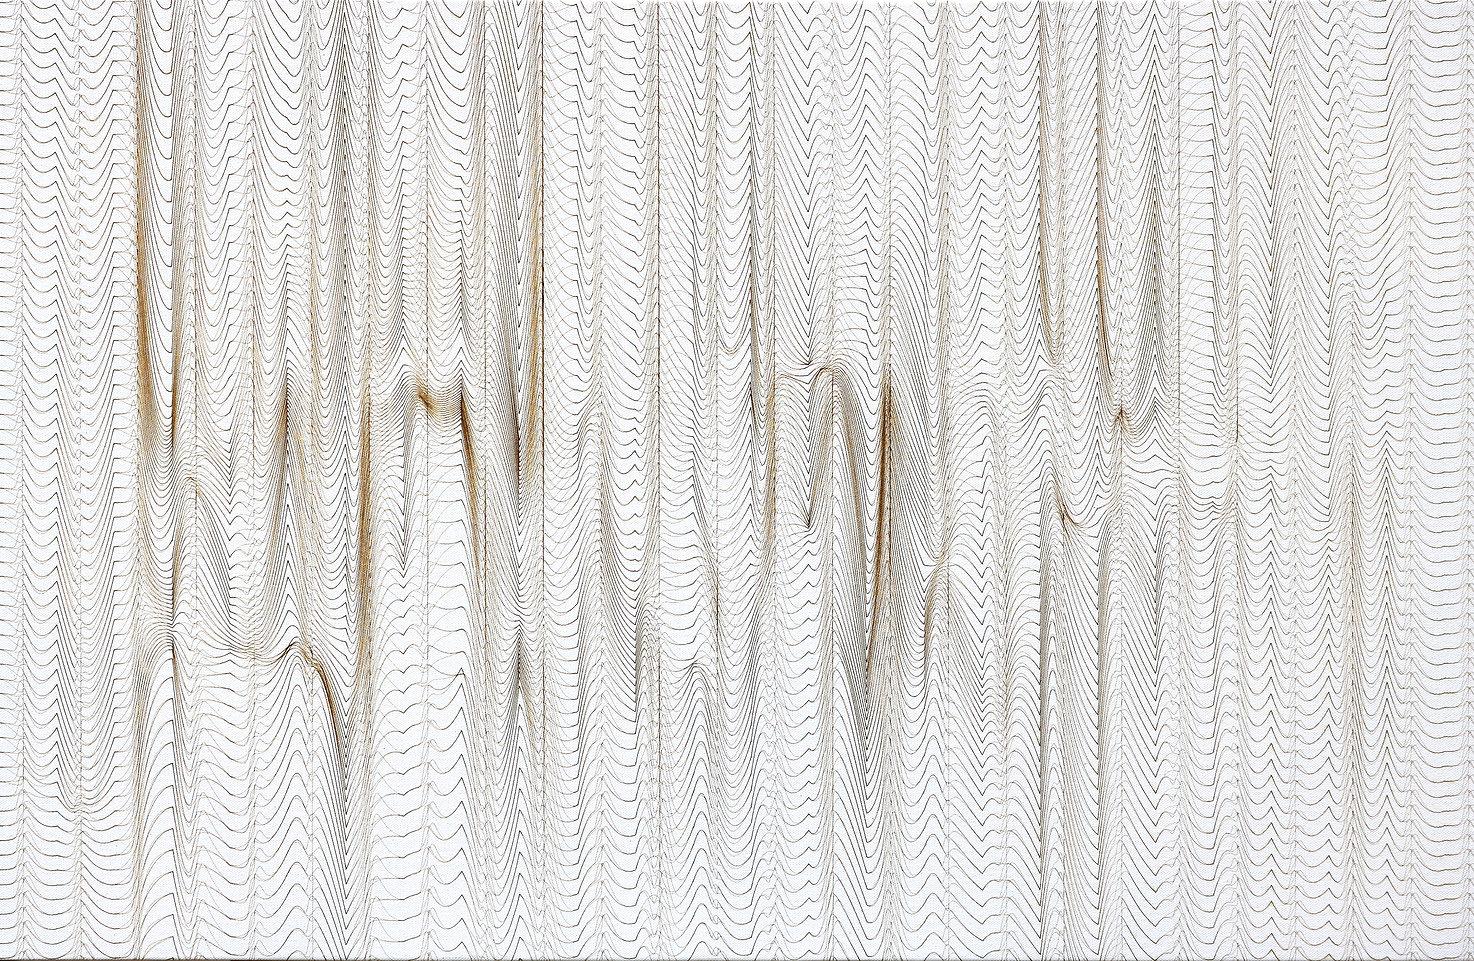 """<img src=""""44_Beet LQ 127 20_PR_full.jpg"""" alt=""""monochrome lines scored on canvas inspired by beethoven"""">"""